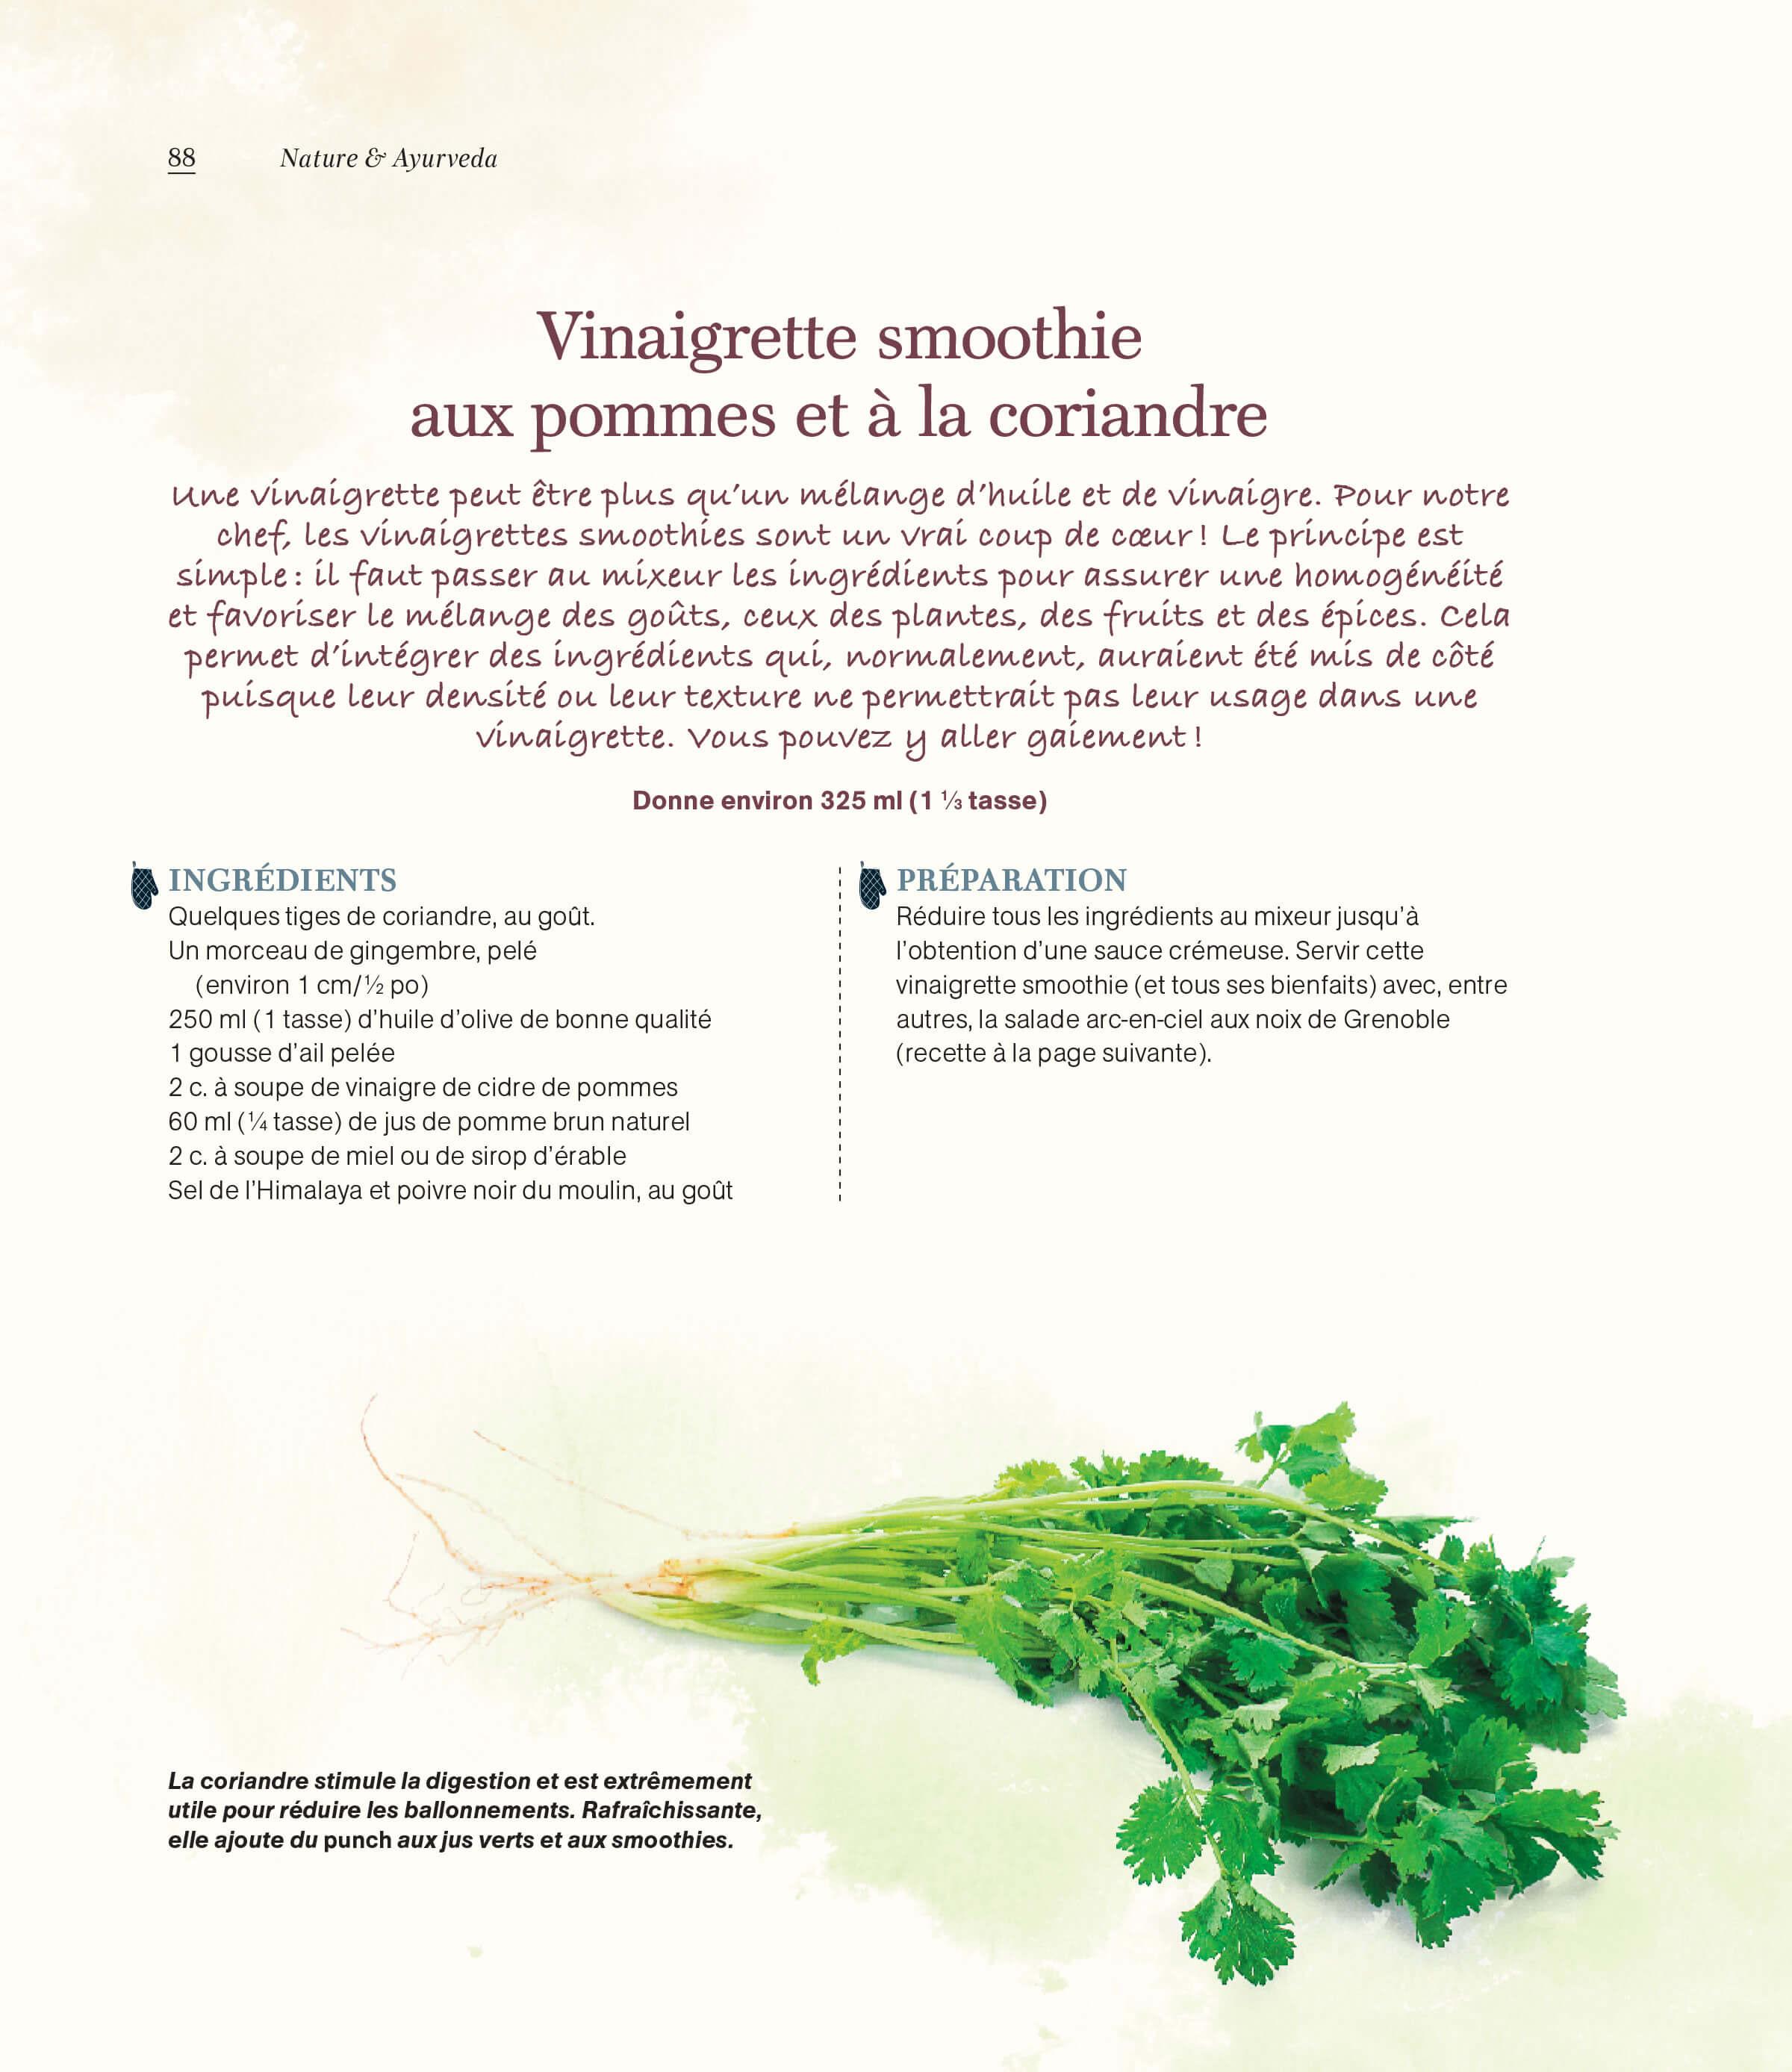 Recette vinaigrette smoothie